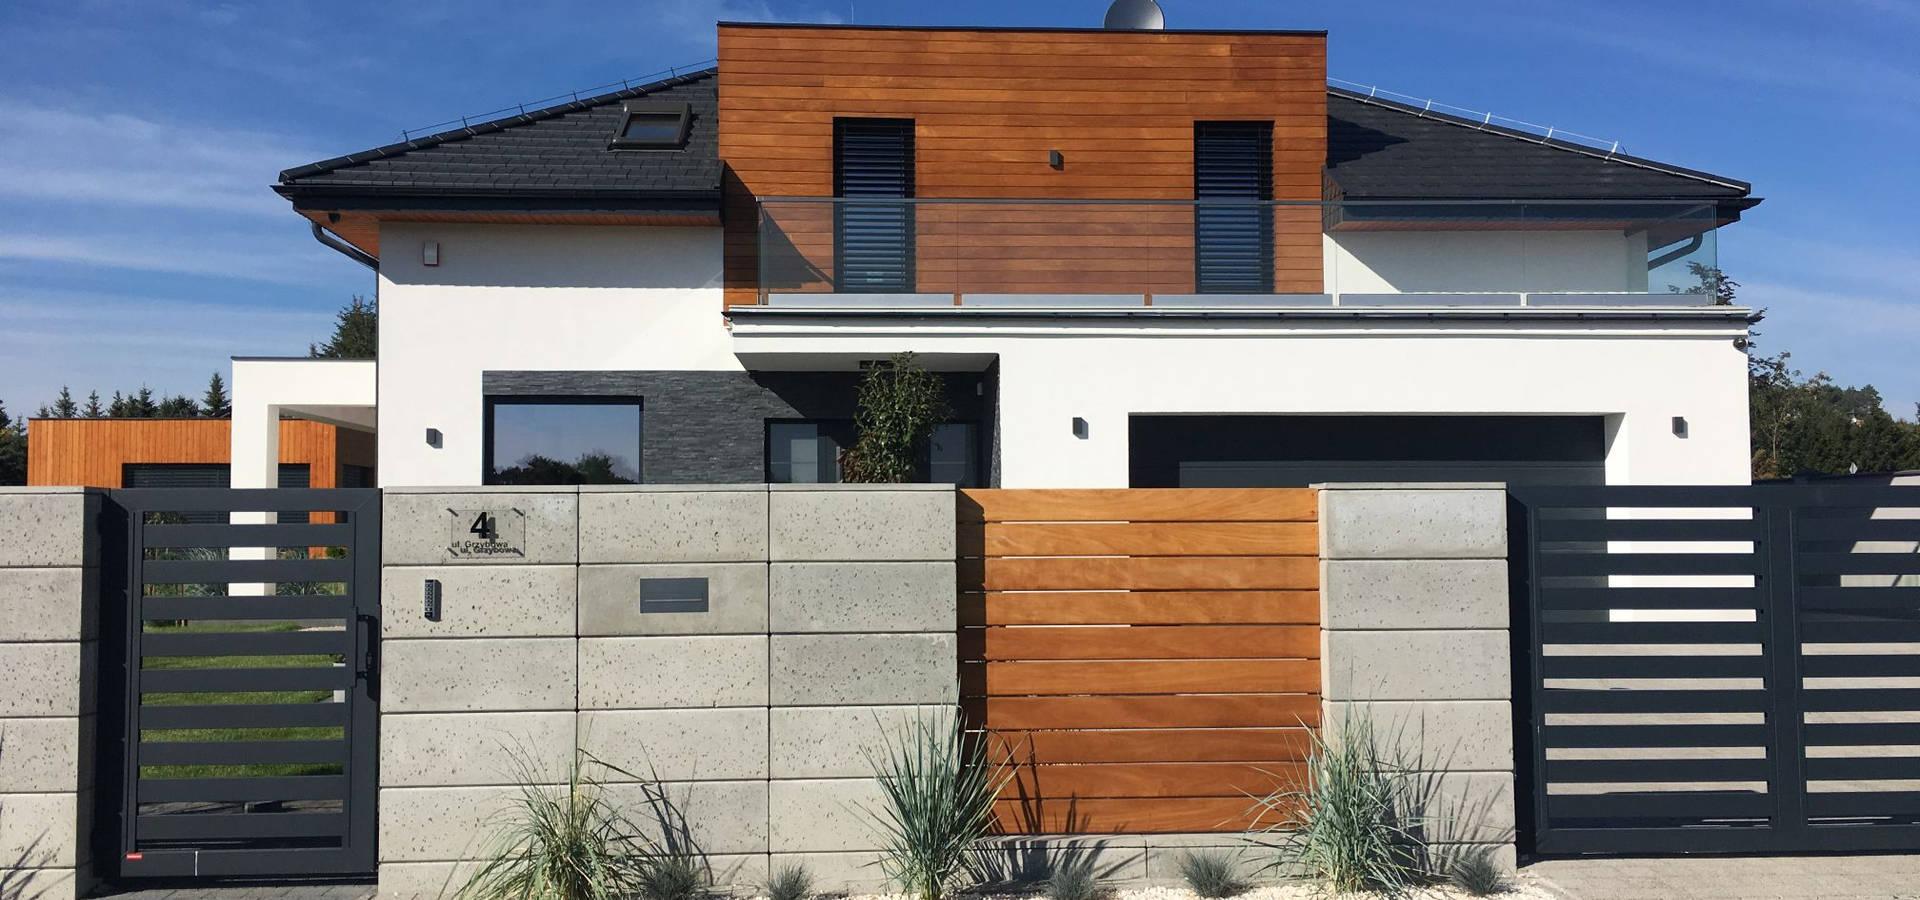 SLABB – Beton Architektoniczny